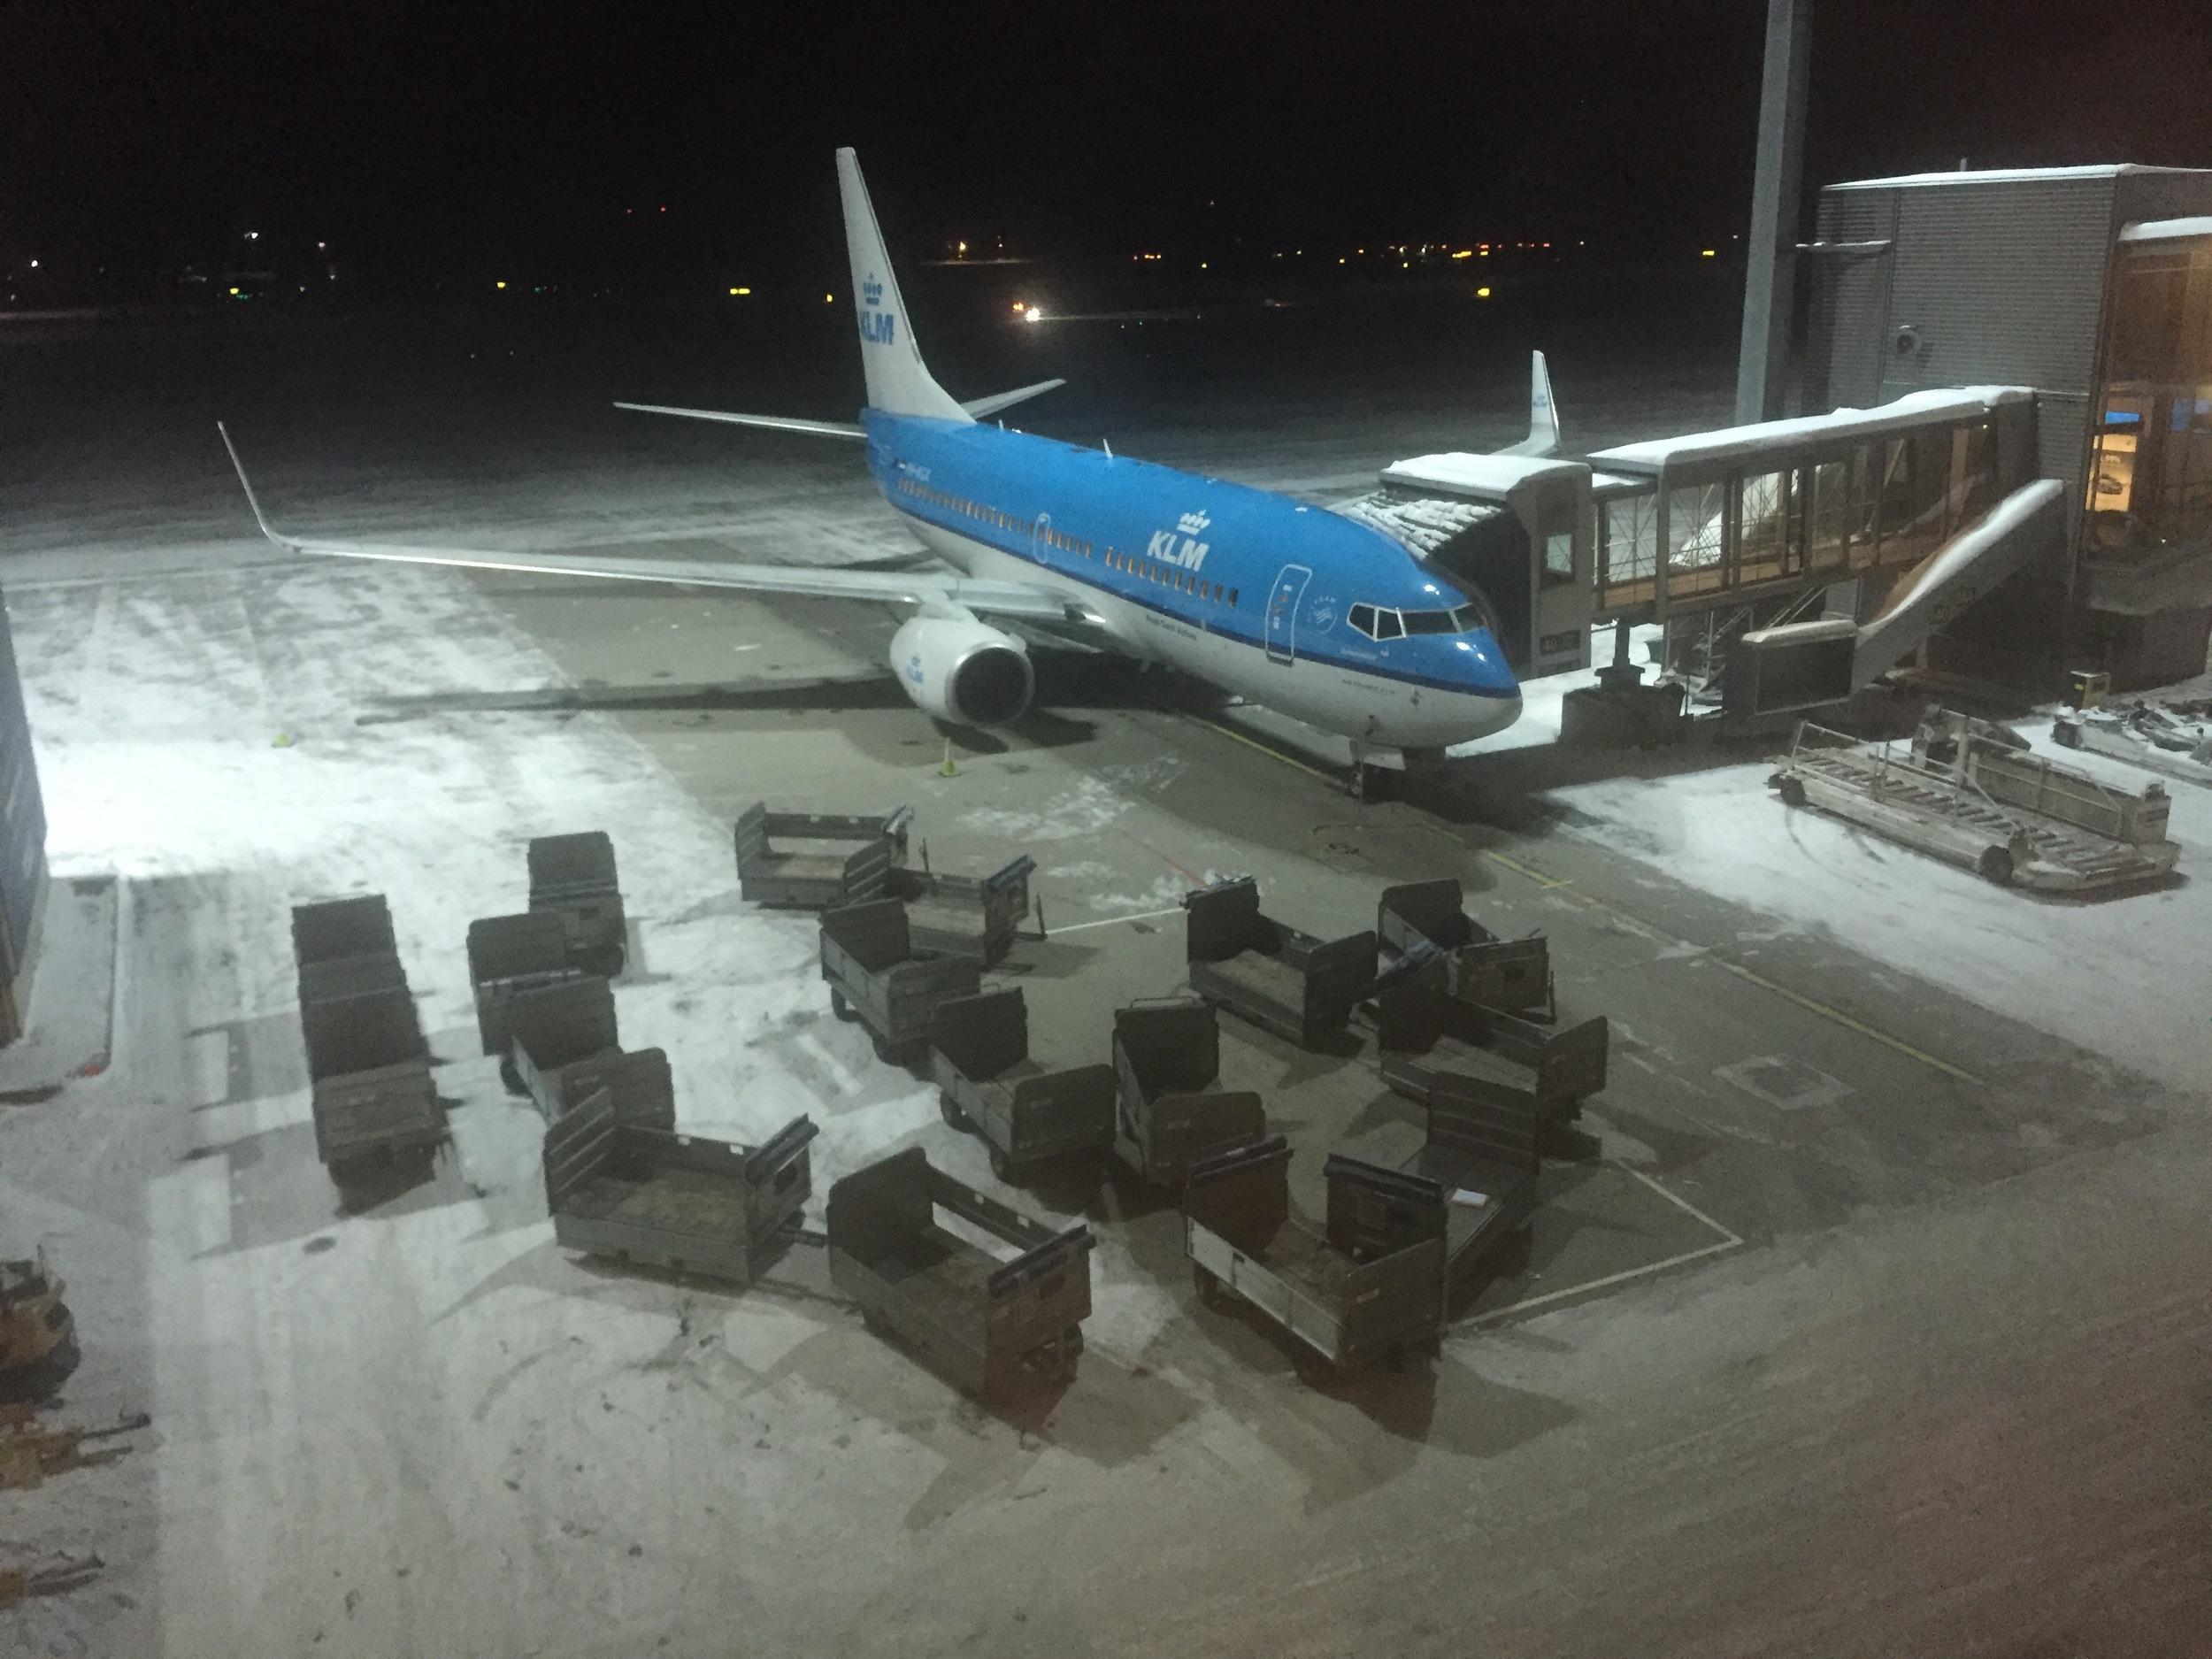 Tomme bagasjetraller, fullt fly, god tur.                           Foto: Odd Roar Lange